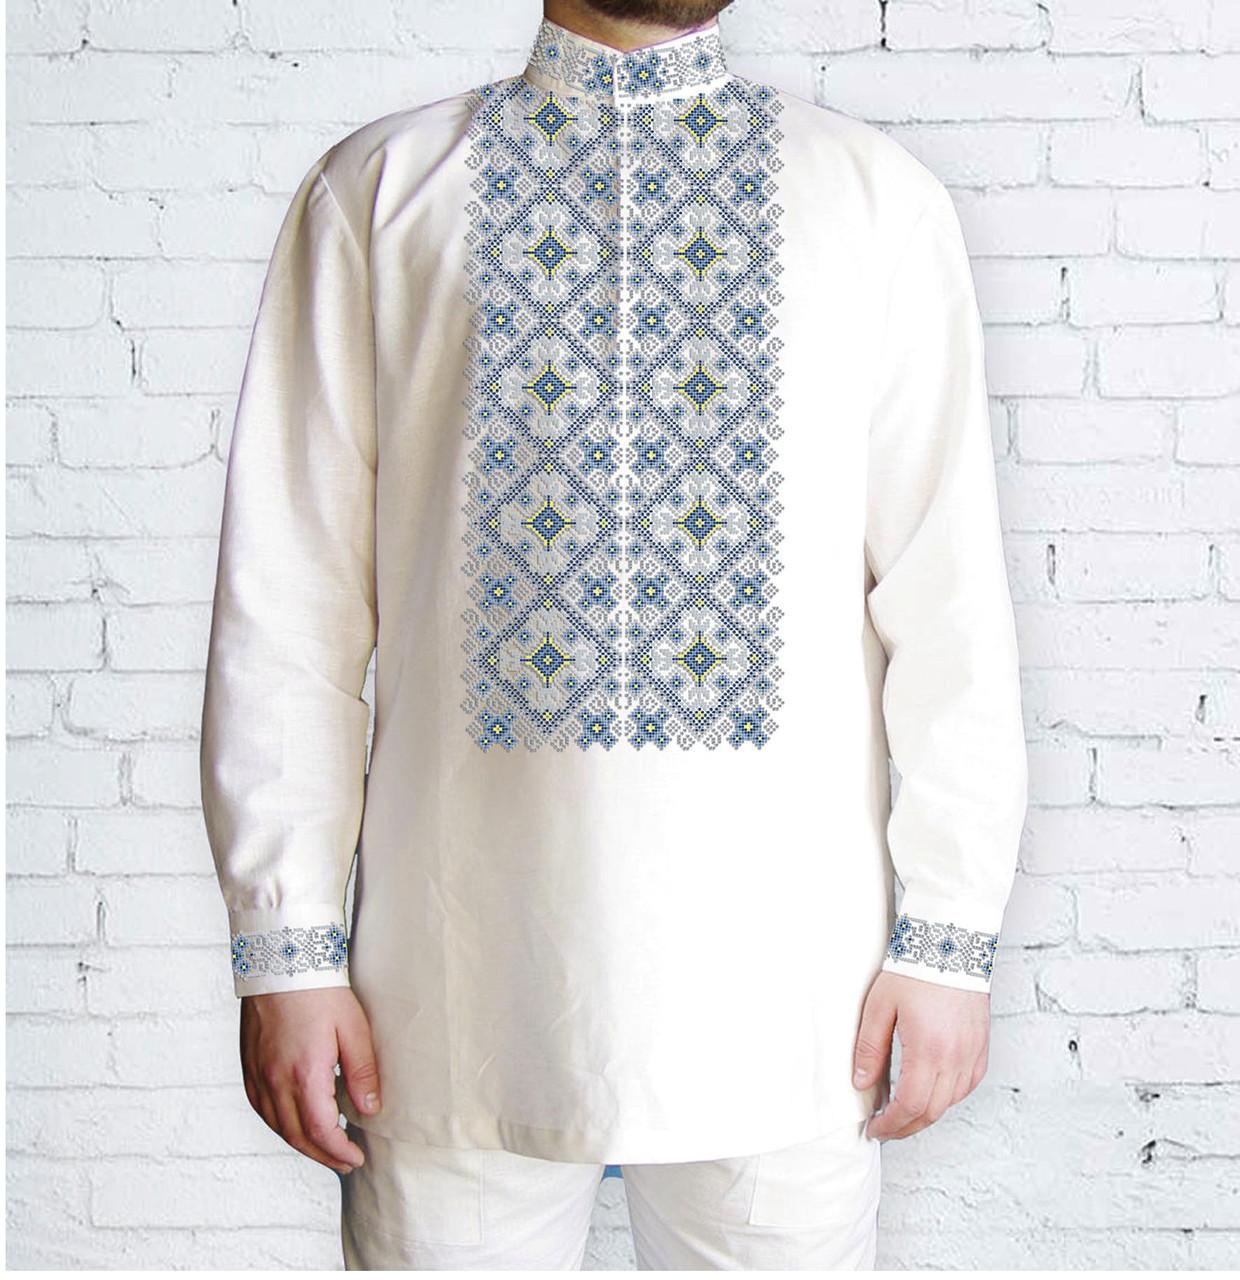 Заготовка мужской рубашки / вышиванки / сорочки для вышивки / вышивания бисером или нитками «Орнамент 595 Г»